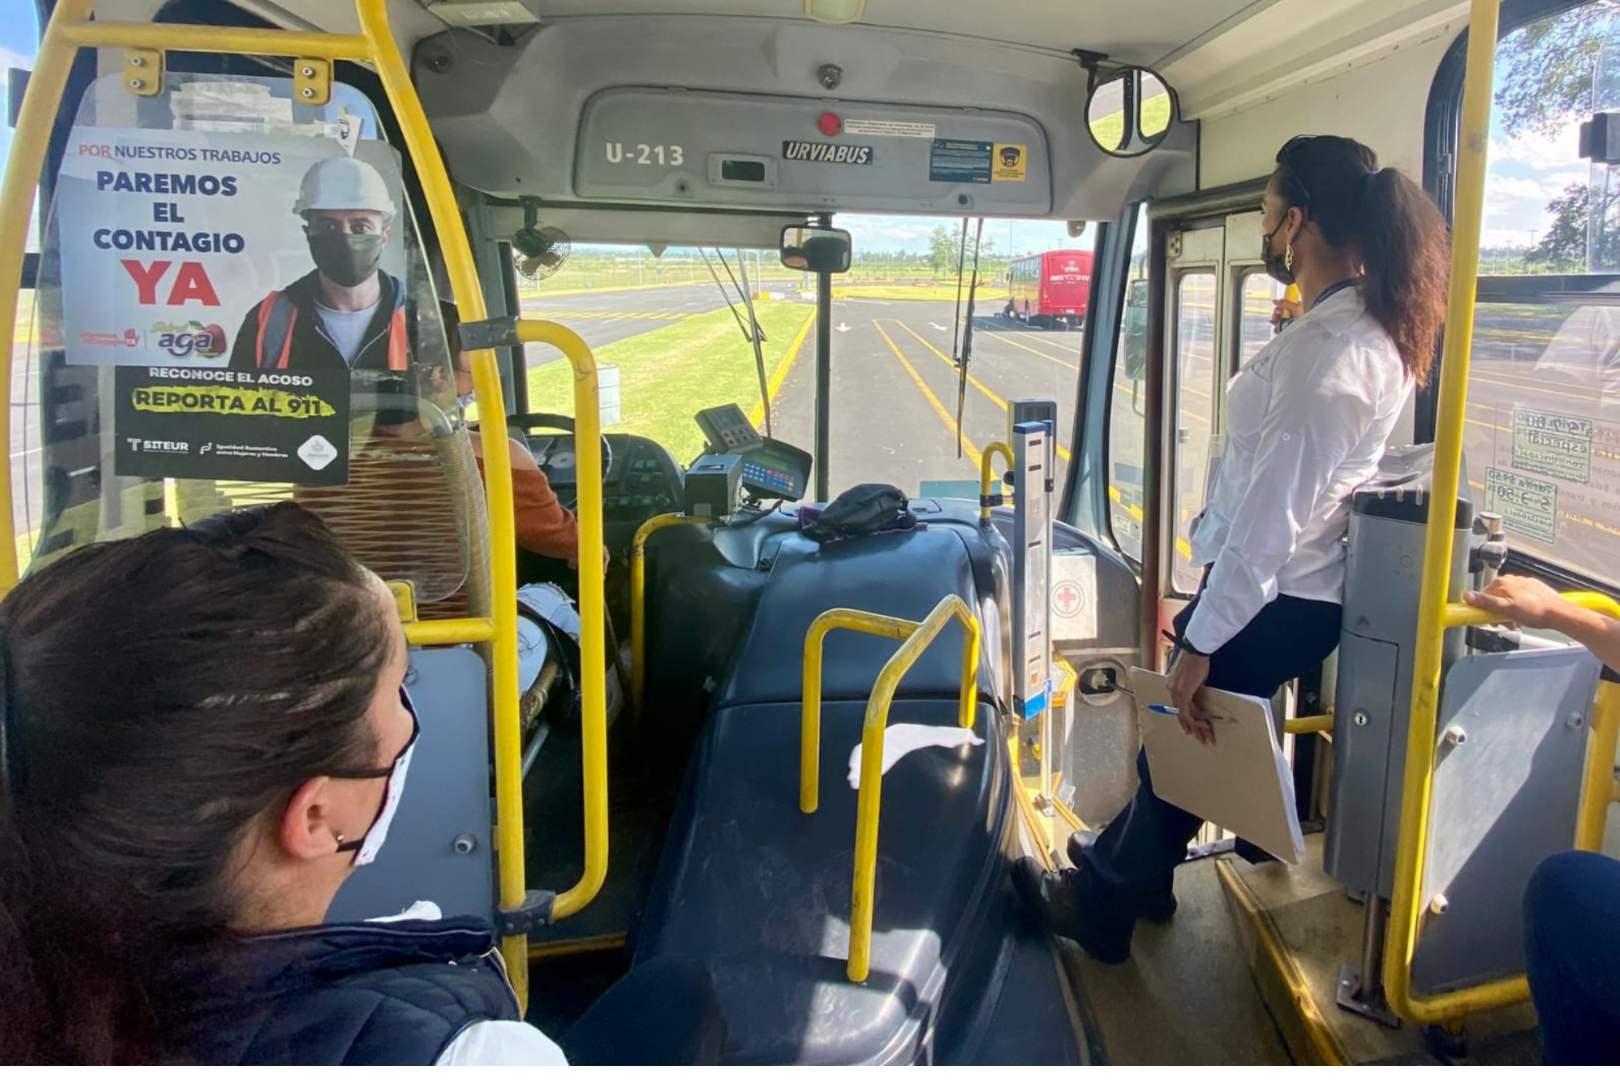 Transporte público, Cubrebocas, Defoe